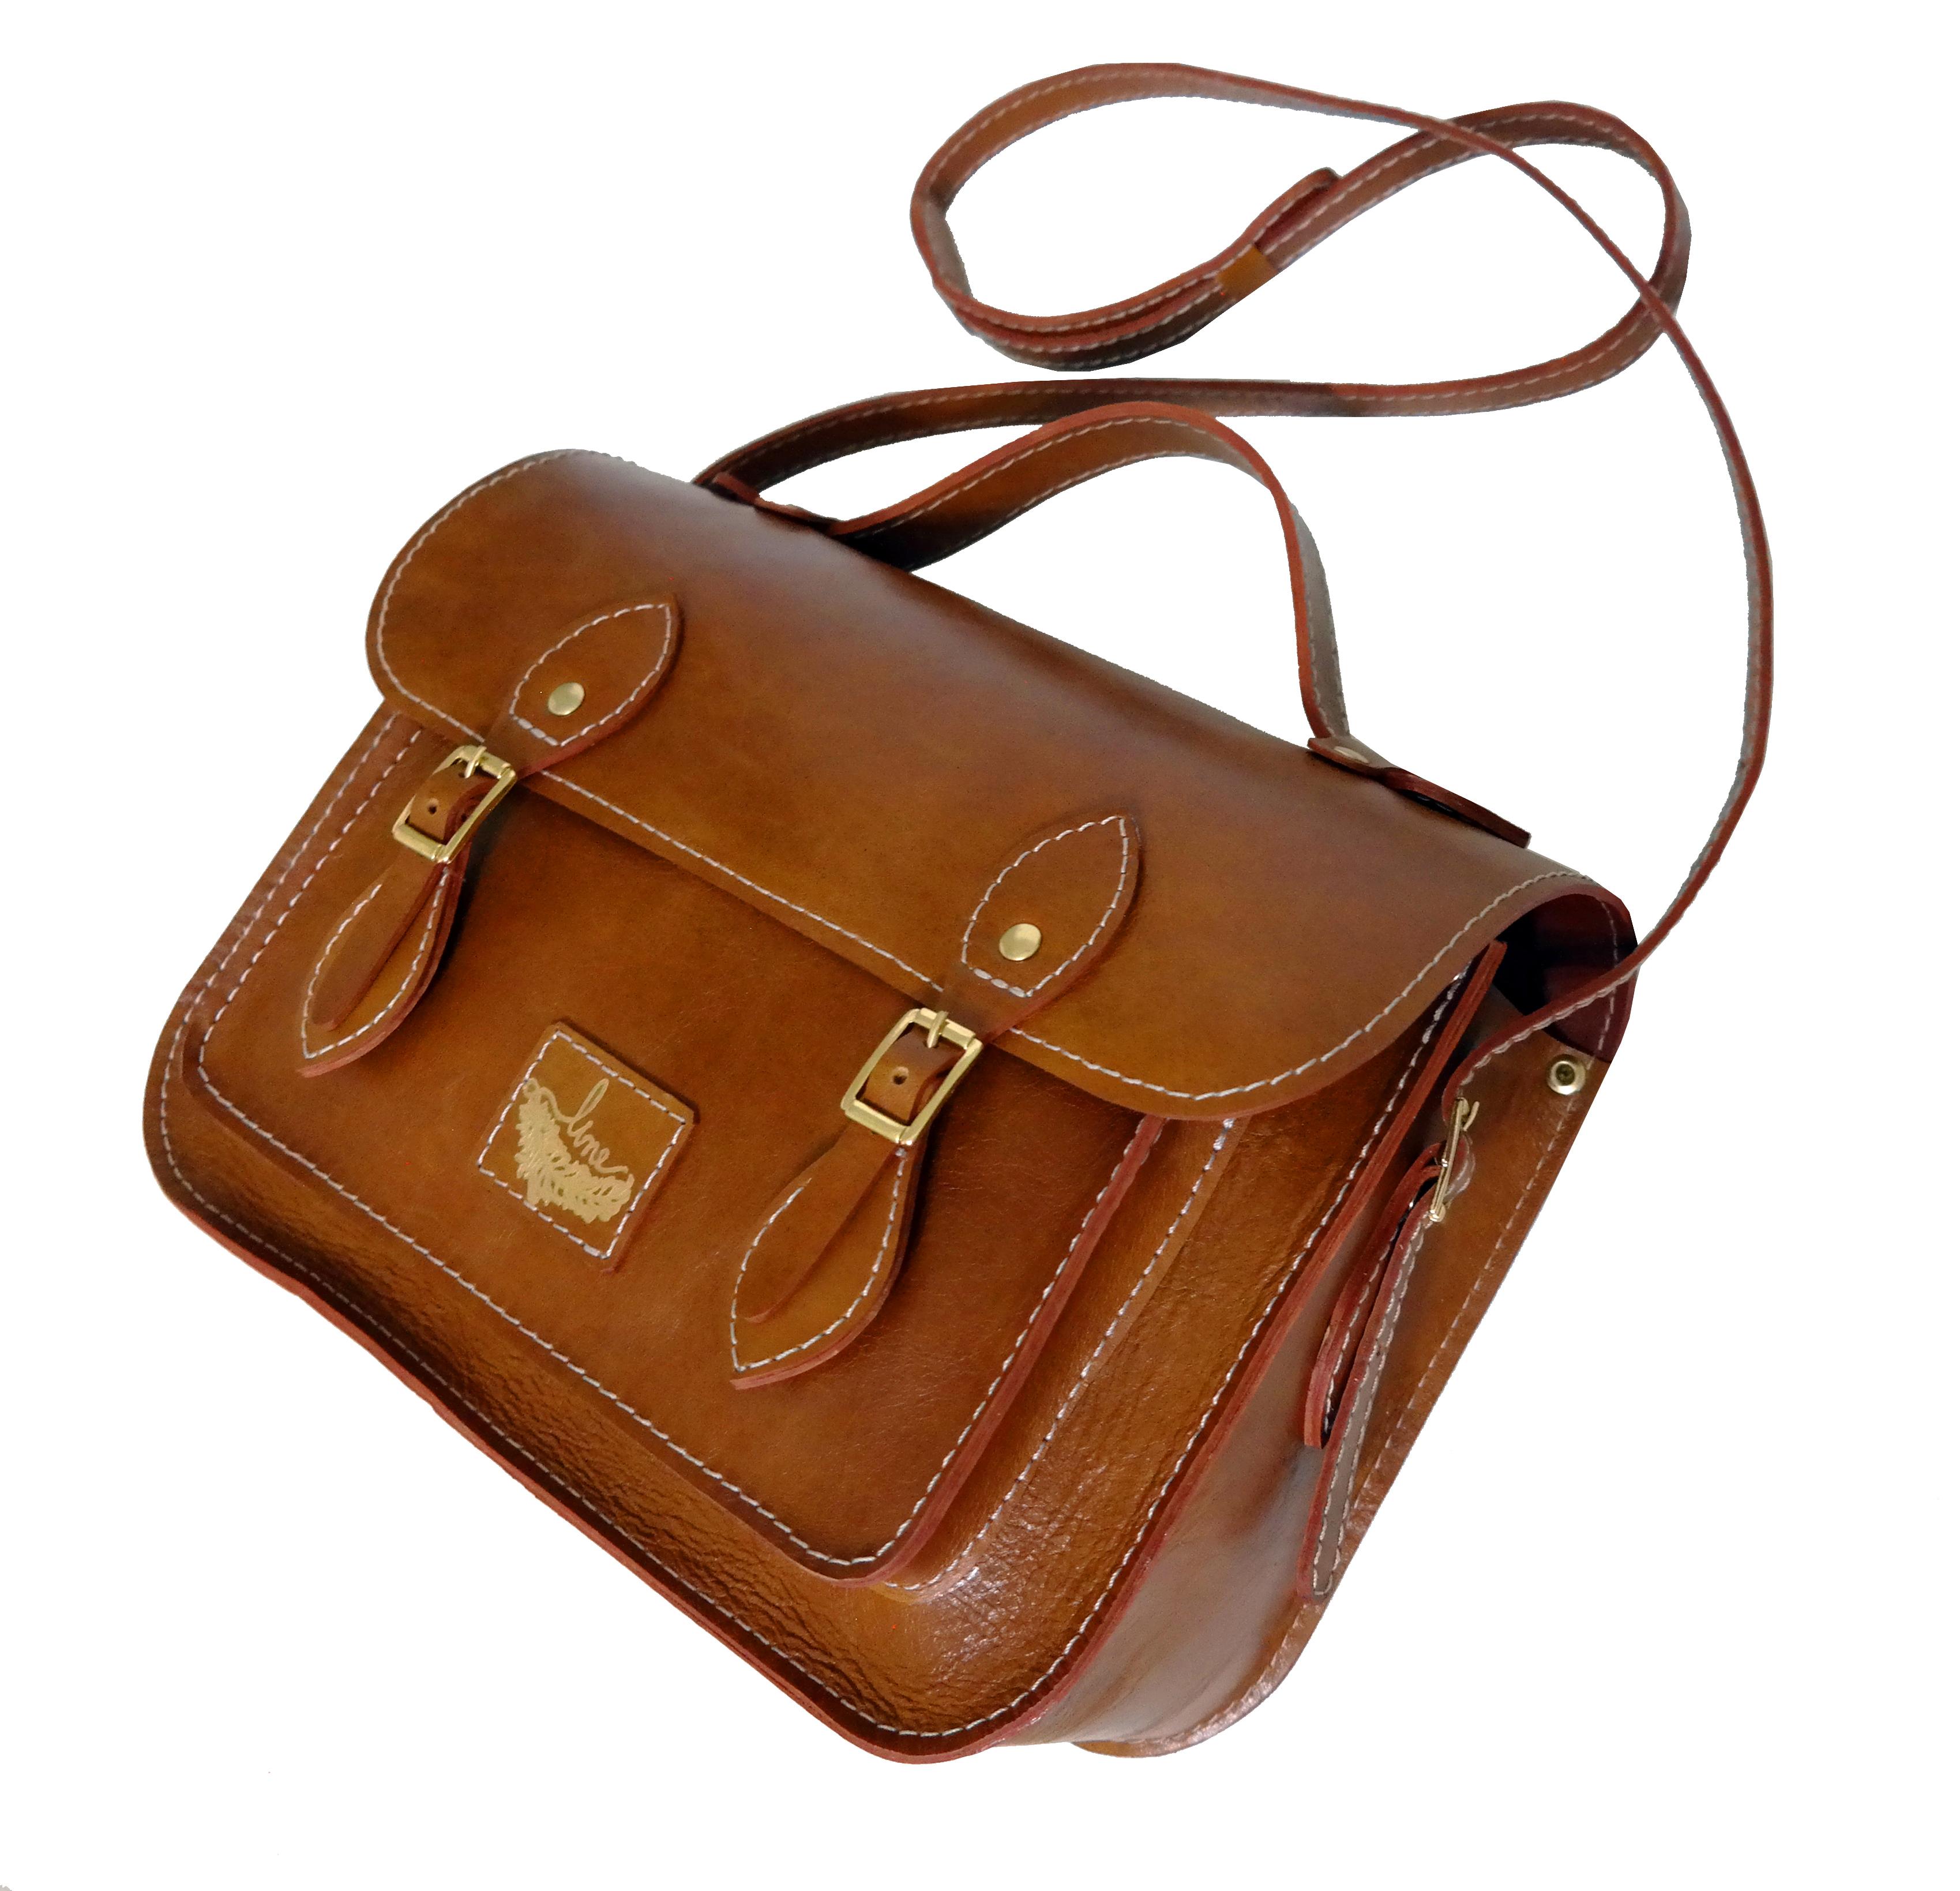 Bolsa Couro Line Satchel Bag